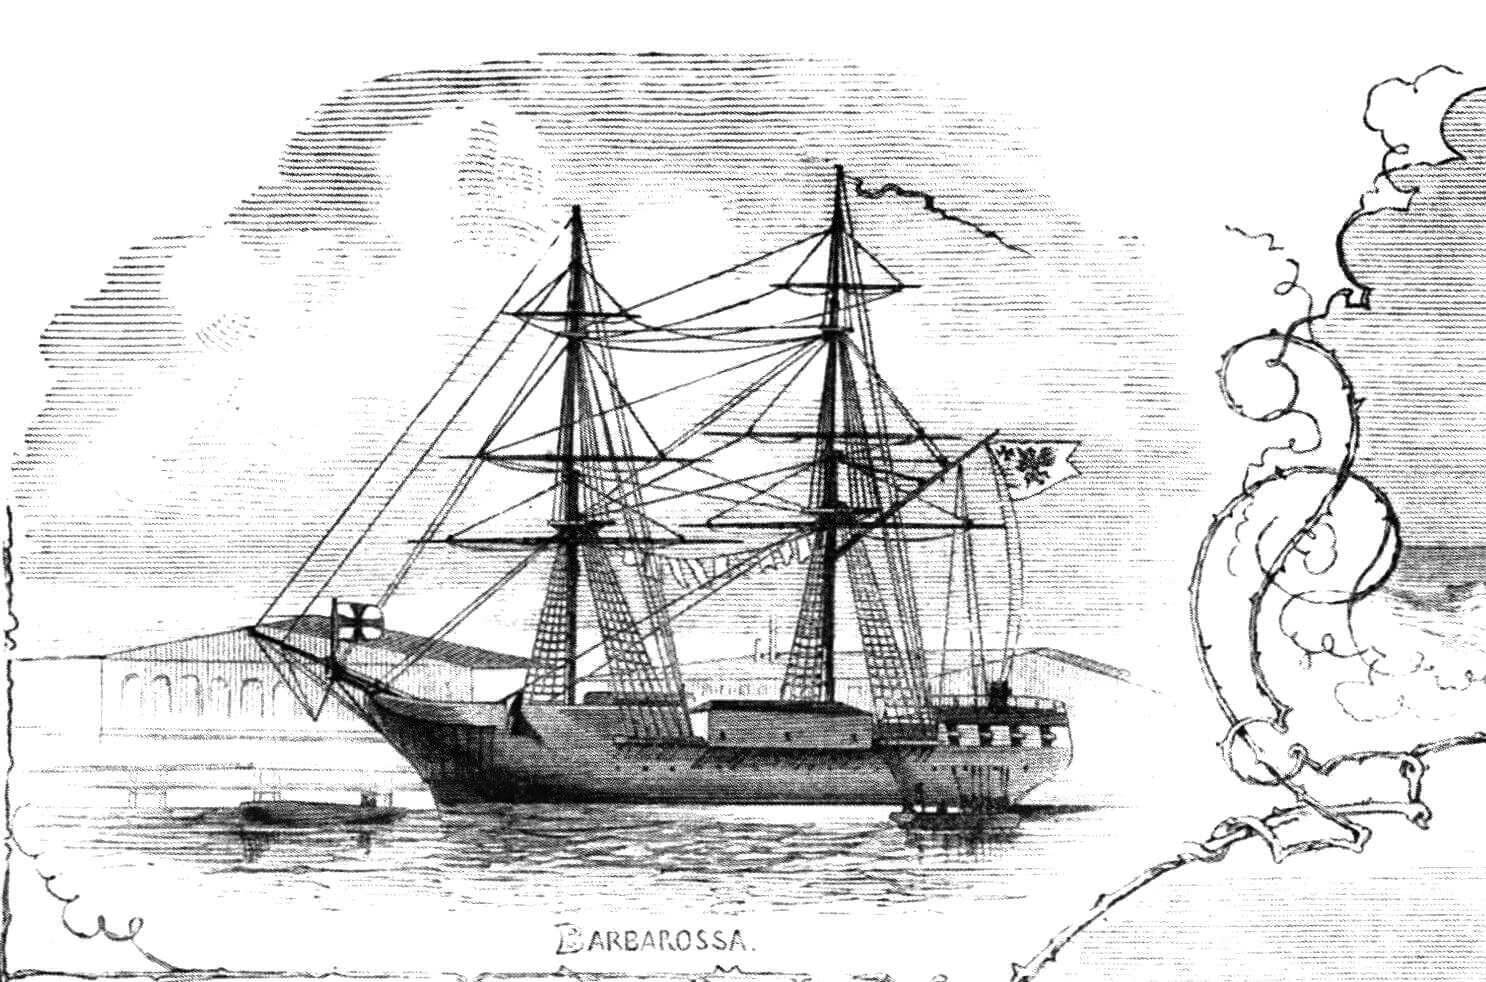 Бывшим лайнер-трансатлантик и бывший флагманский фрегат «Барбаросса»- блокшив и плавказарма. Труба уже отсутствует, но такелаж еще не демонтирован